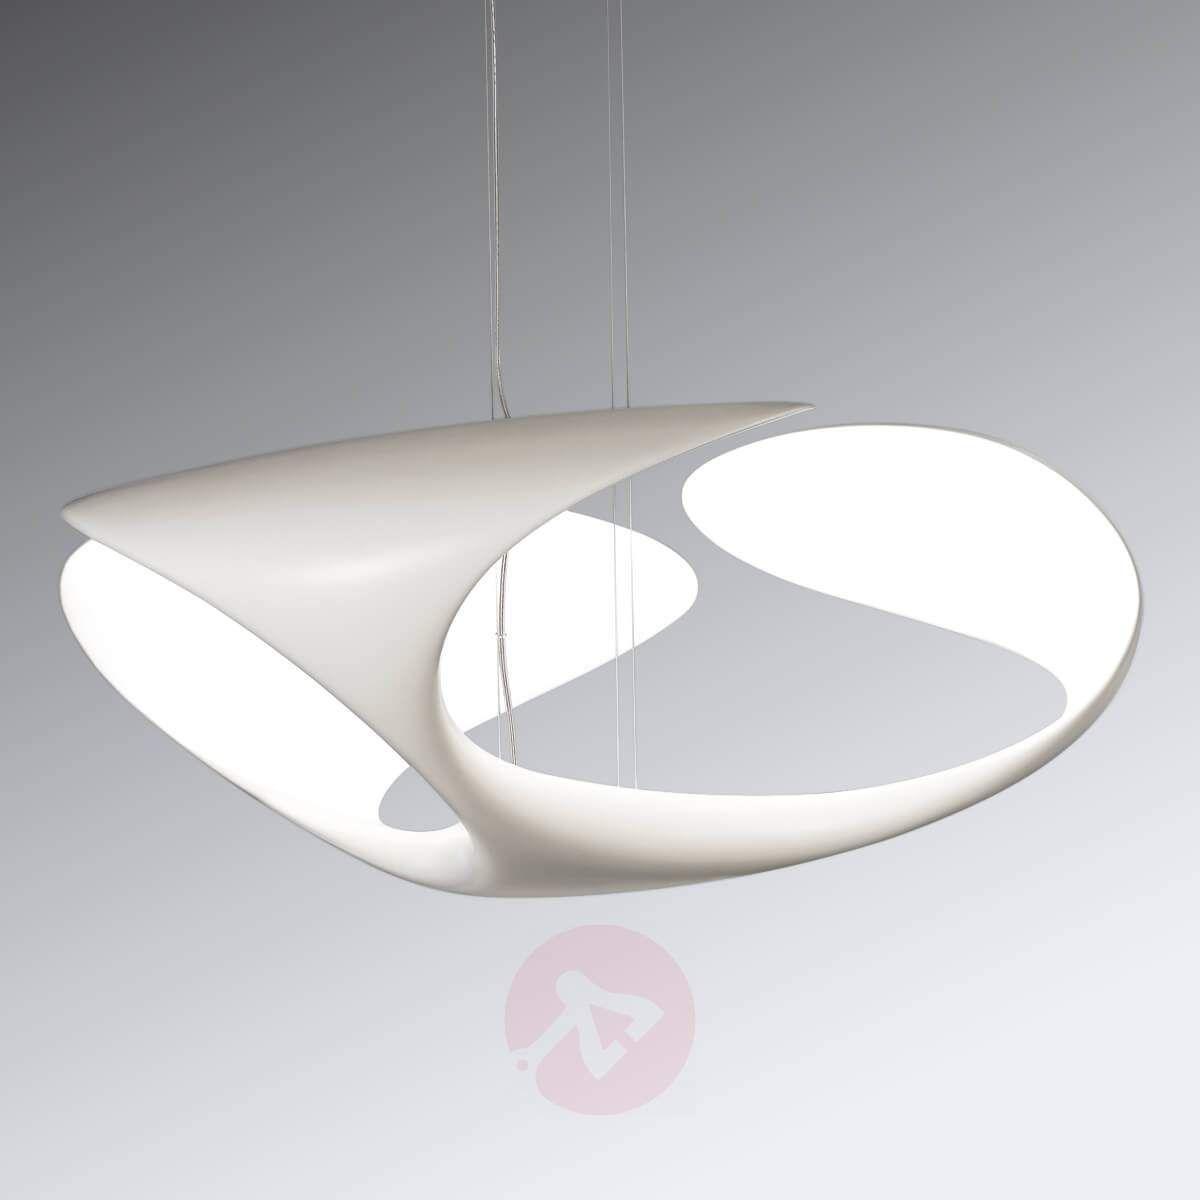 Atrakcyjna Lampa Wisząca Led Clover Lampy Wiszące In 2019